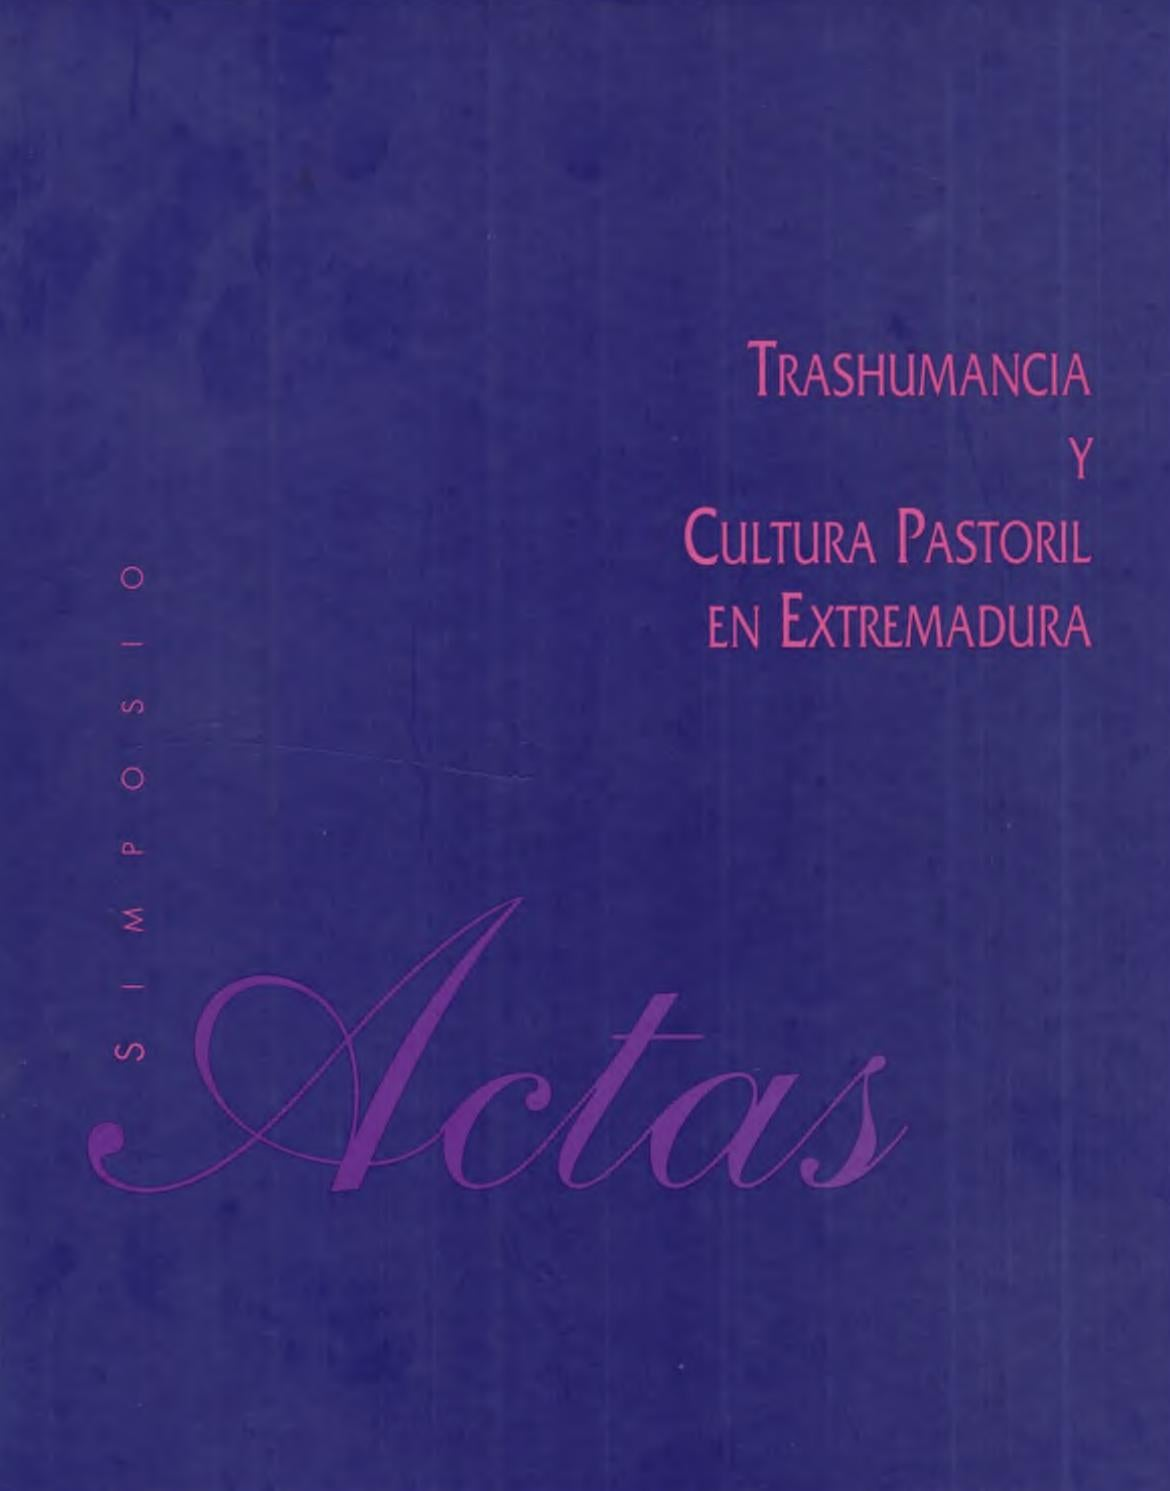 actas del simposio sobre trashumancia y cultura pastoril 1992 by rh issuu com